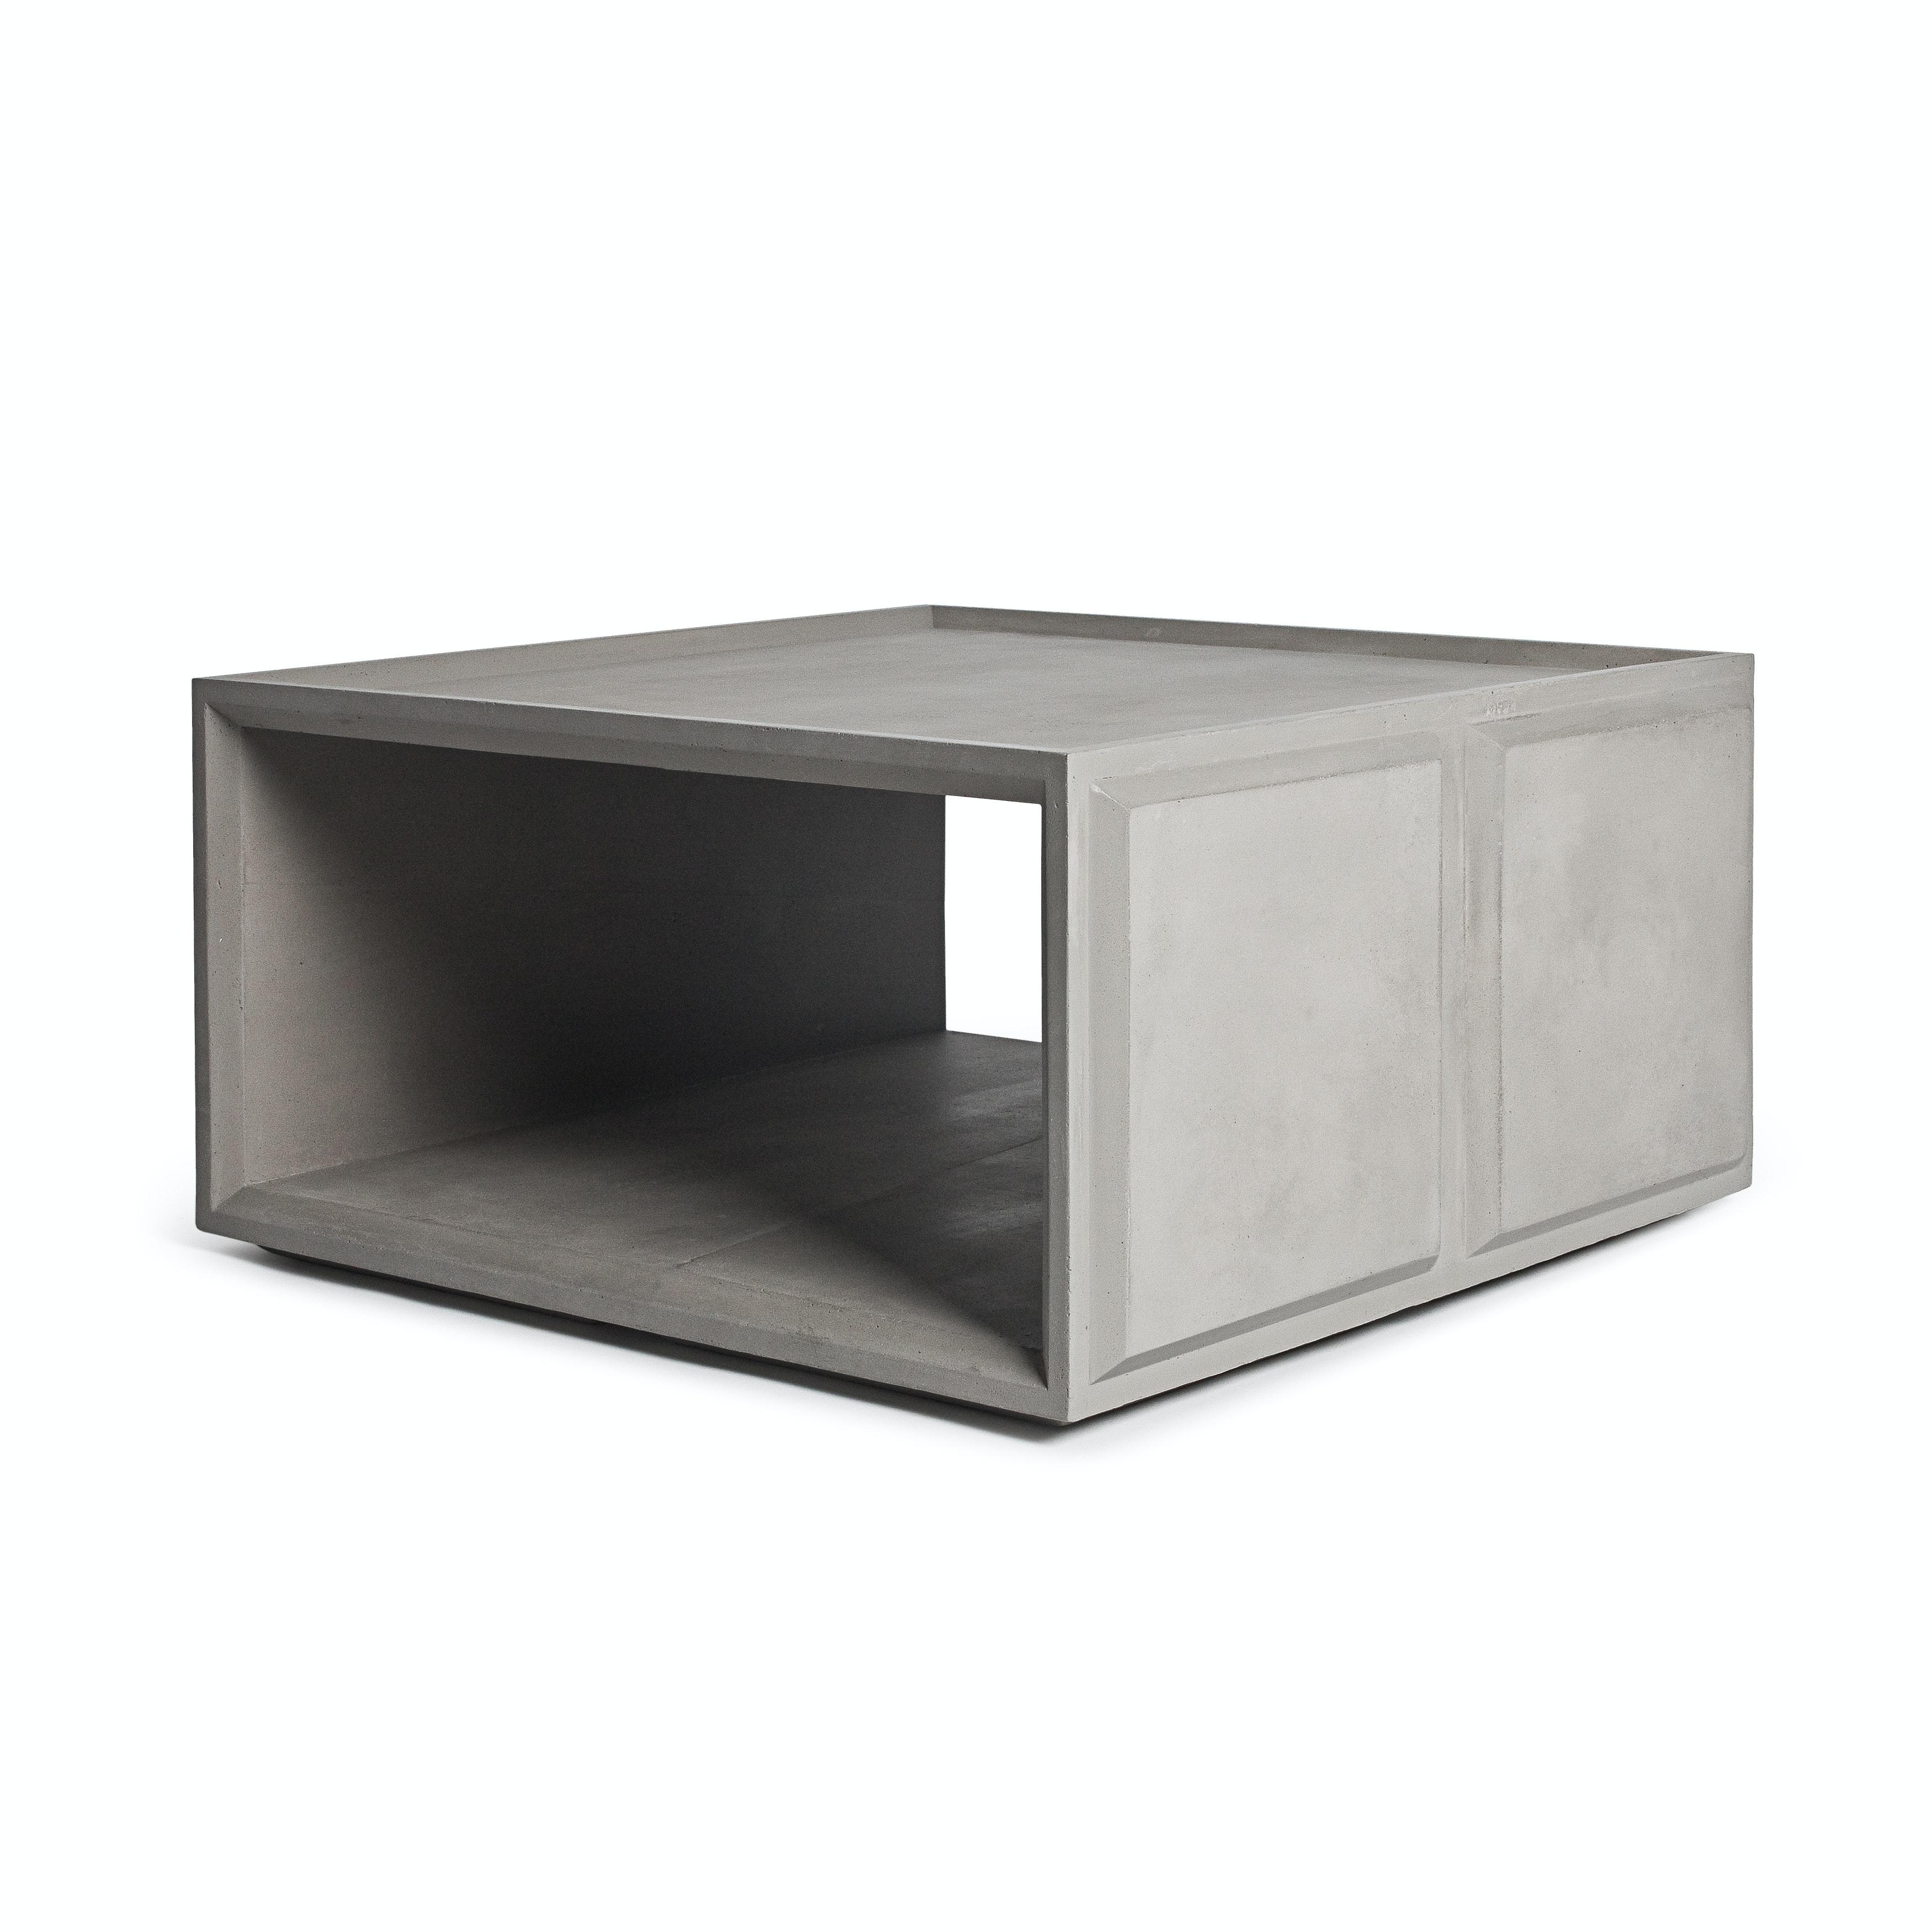 D 09144 Plus Storage Module 04 00005